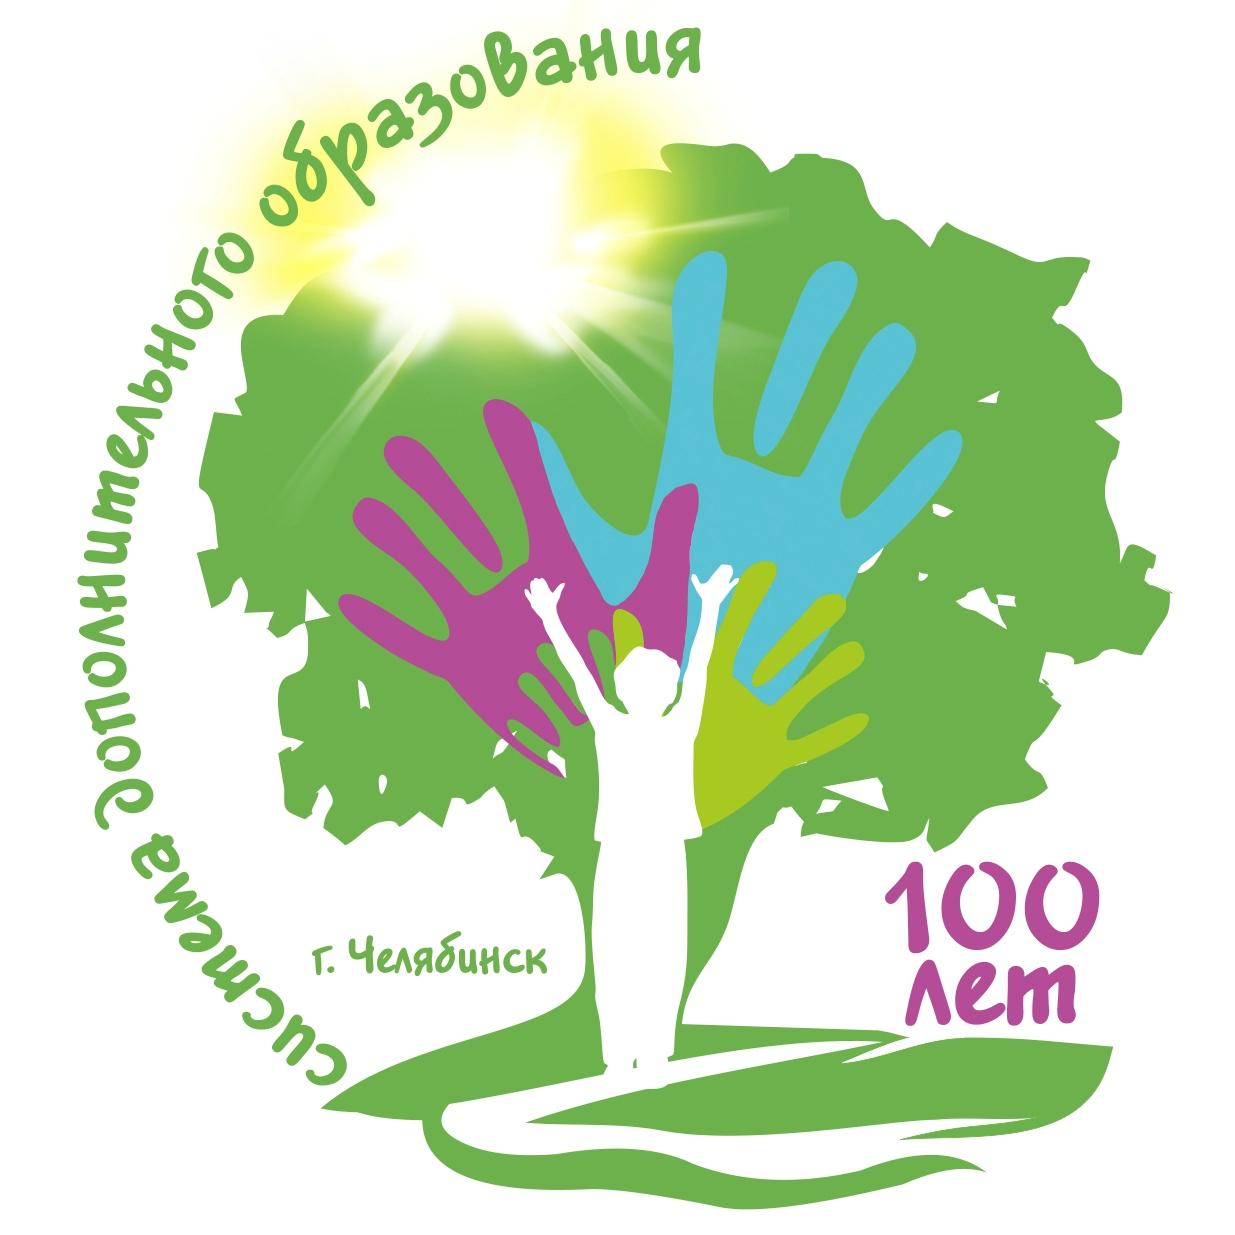 Картинки по запросу 100-летию системы дополнительного образования